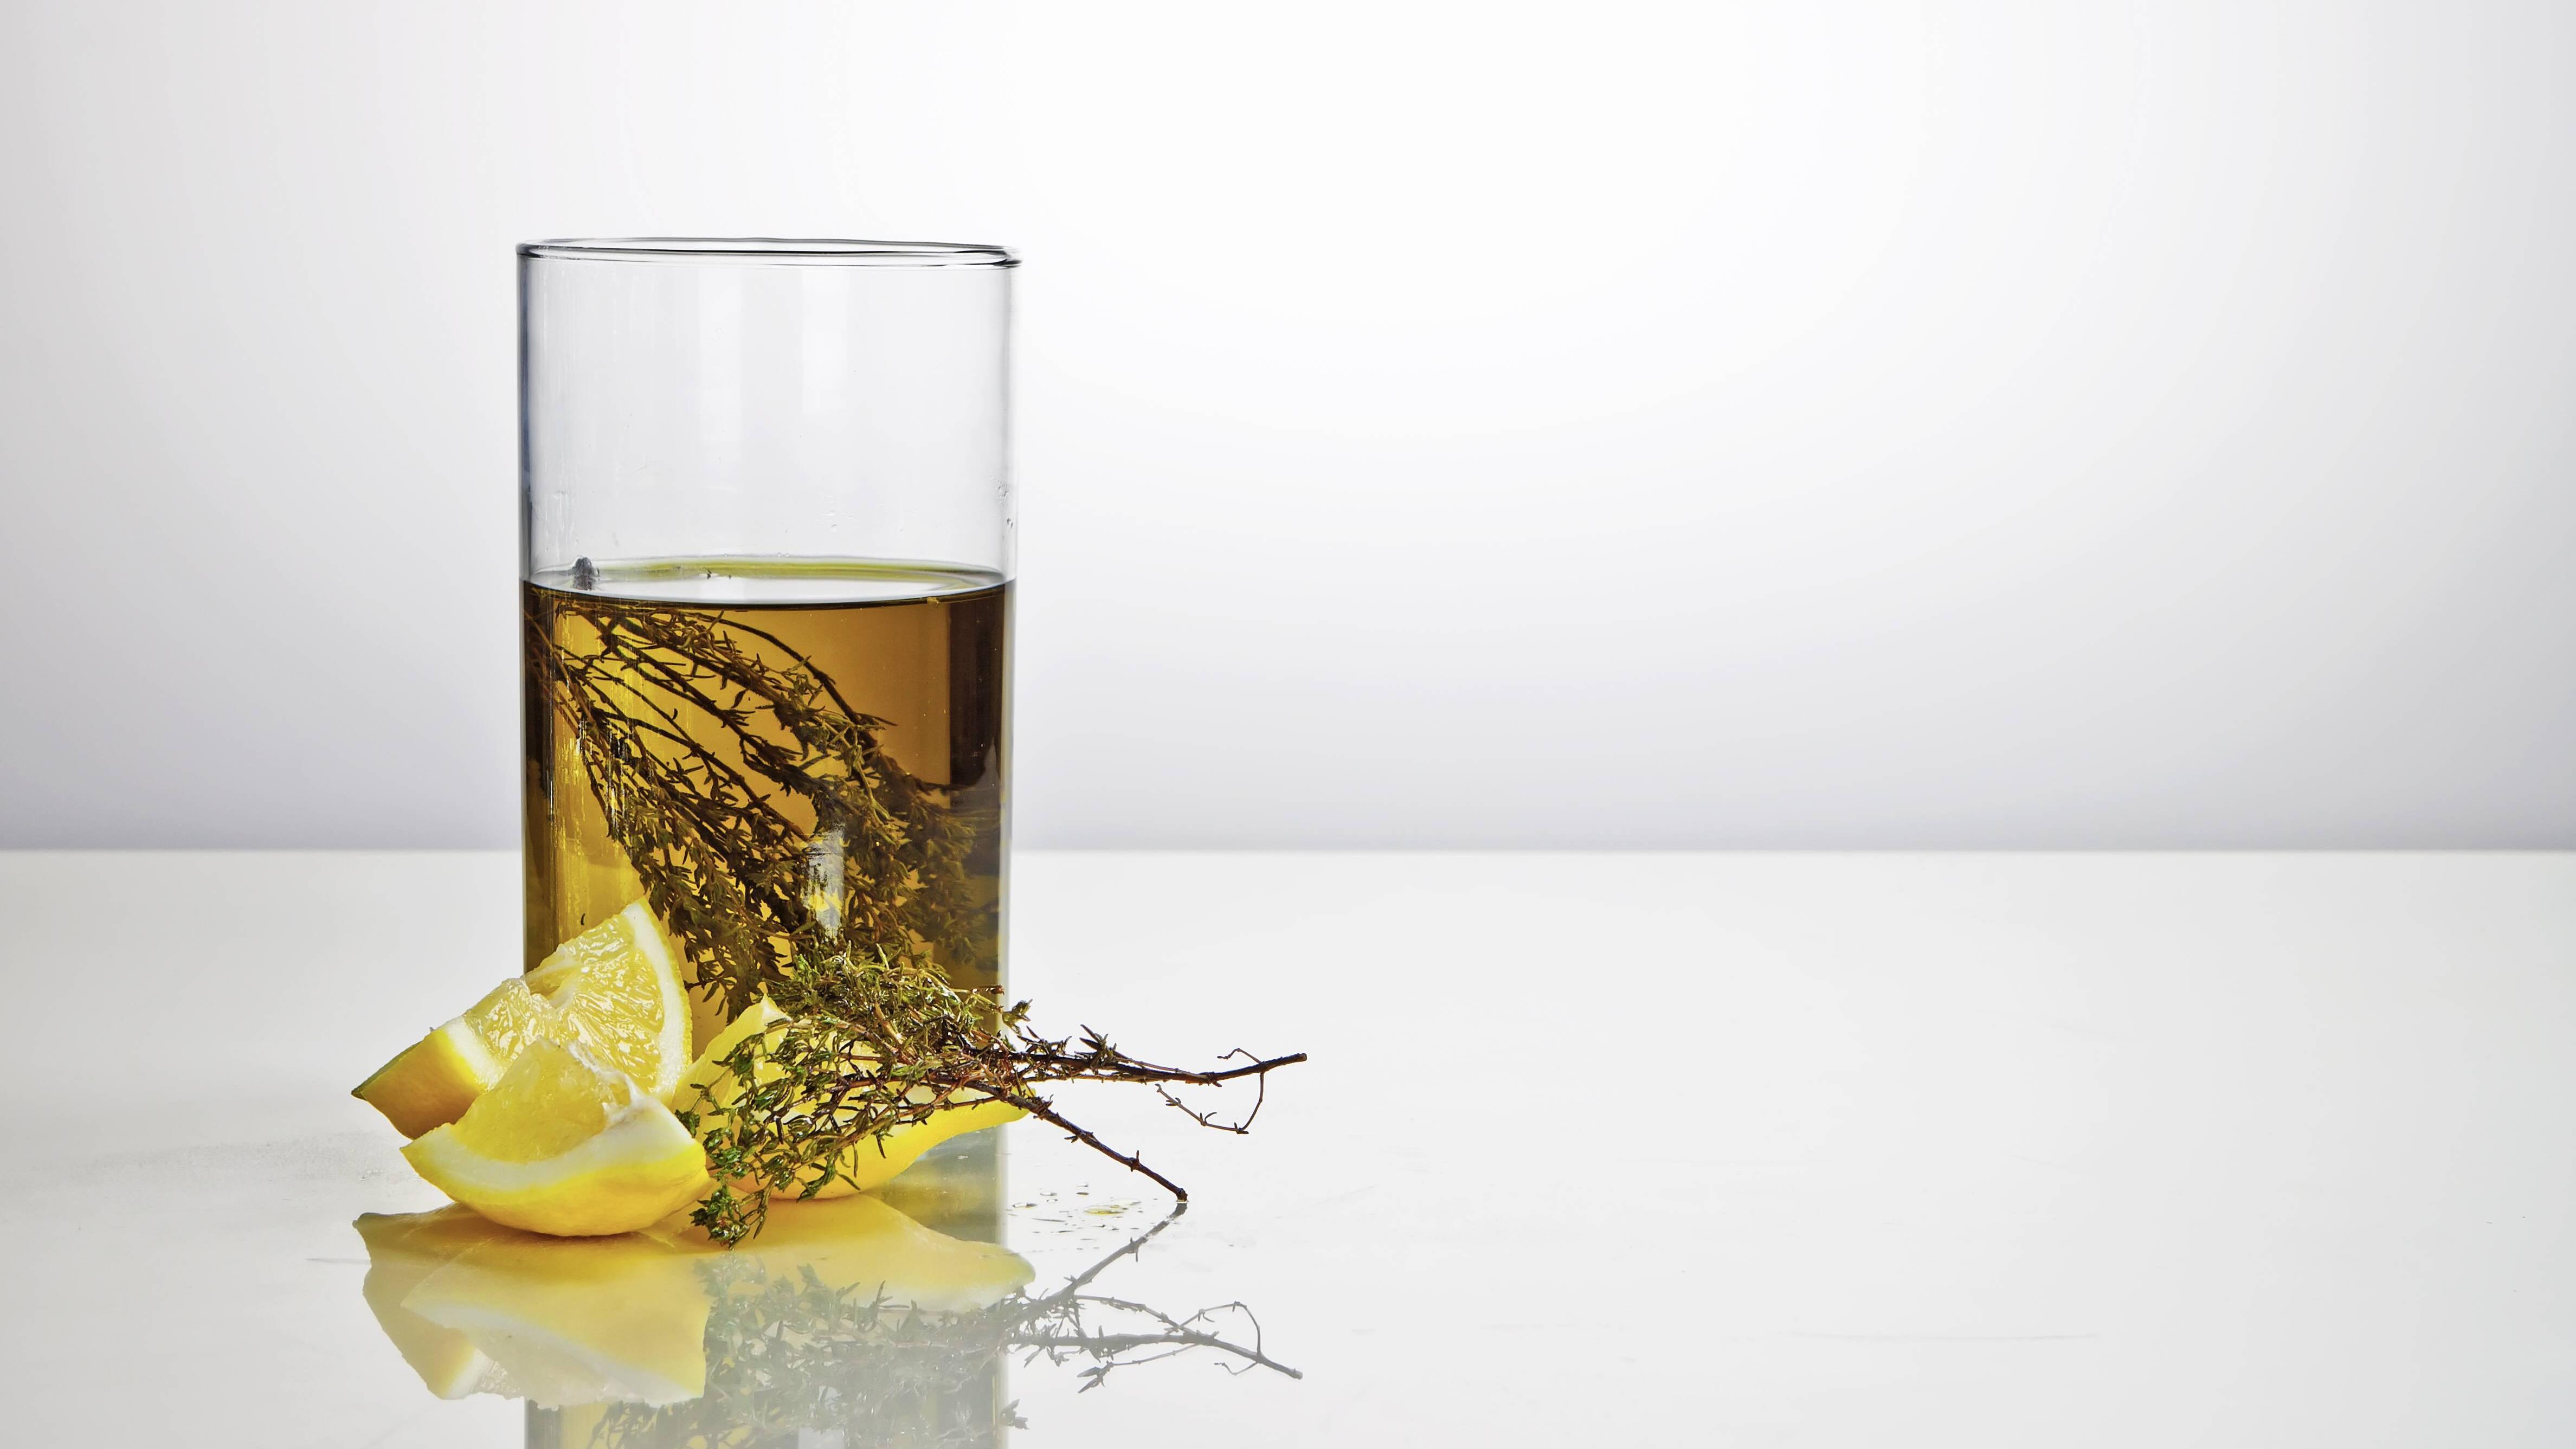 Besprechen Sie die Zitronen-Olivenöl-Kur zuerst mit Ihrem Arzt.